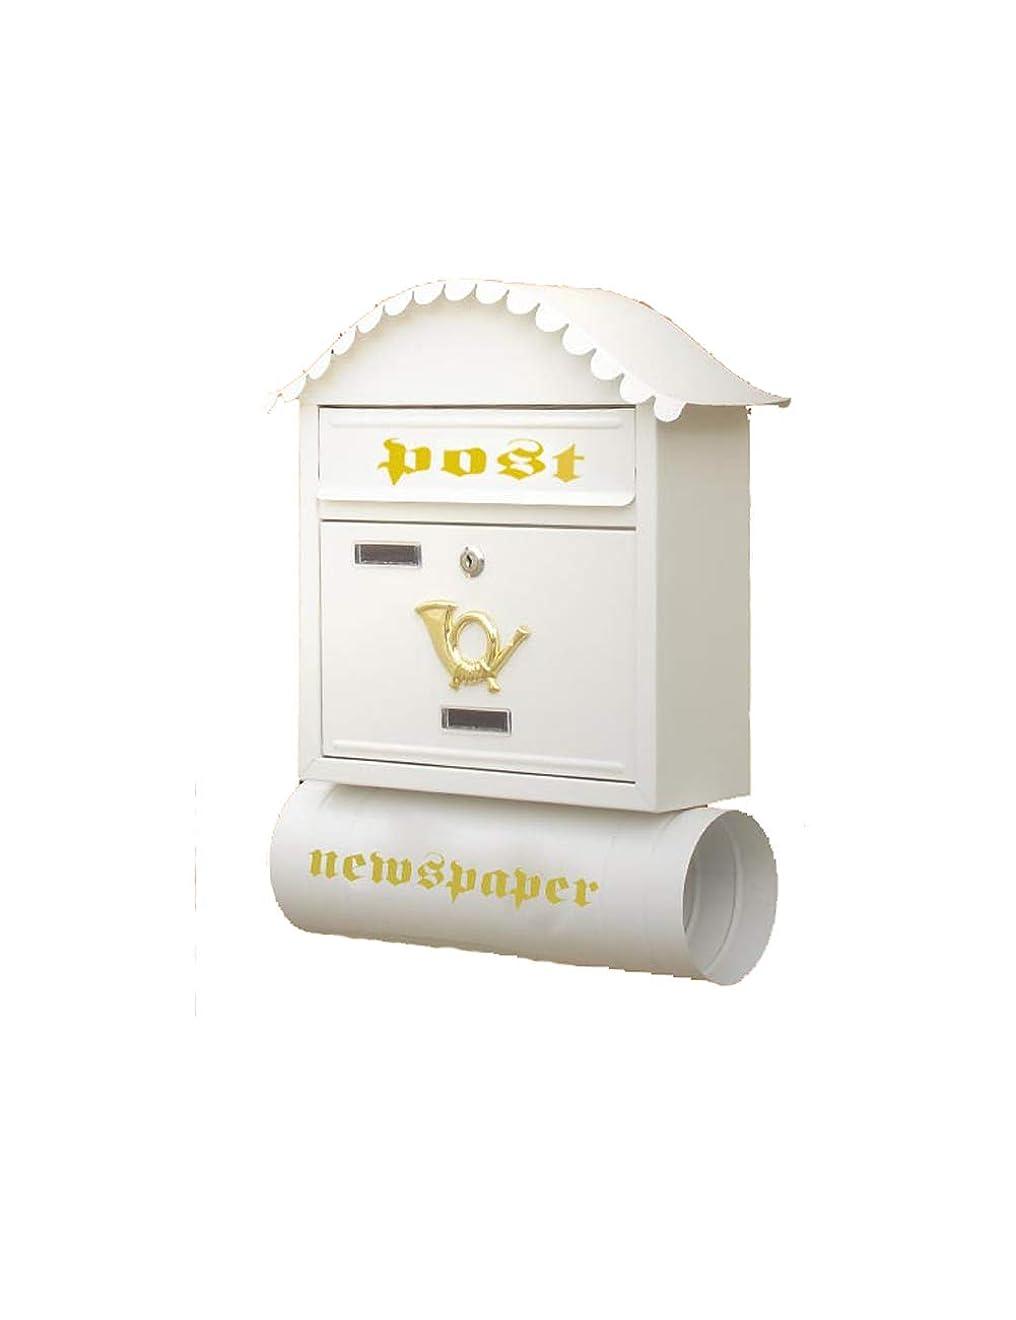 失速悪意ビバXF 新聞チューブ付きのメールボックスクリエイティブコテージのメールボックスガーデン壁掛けのメールボックス //